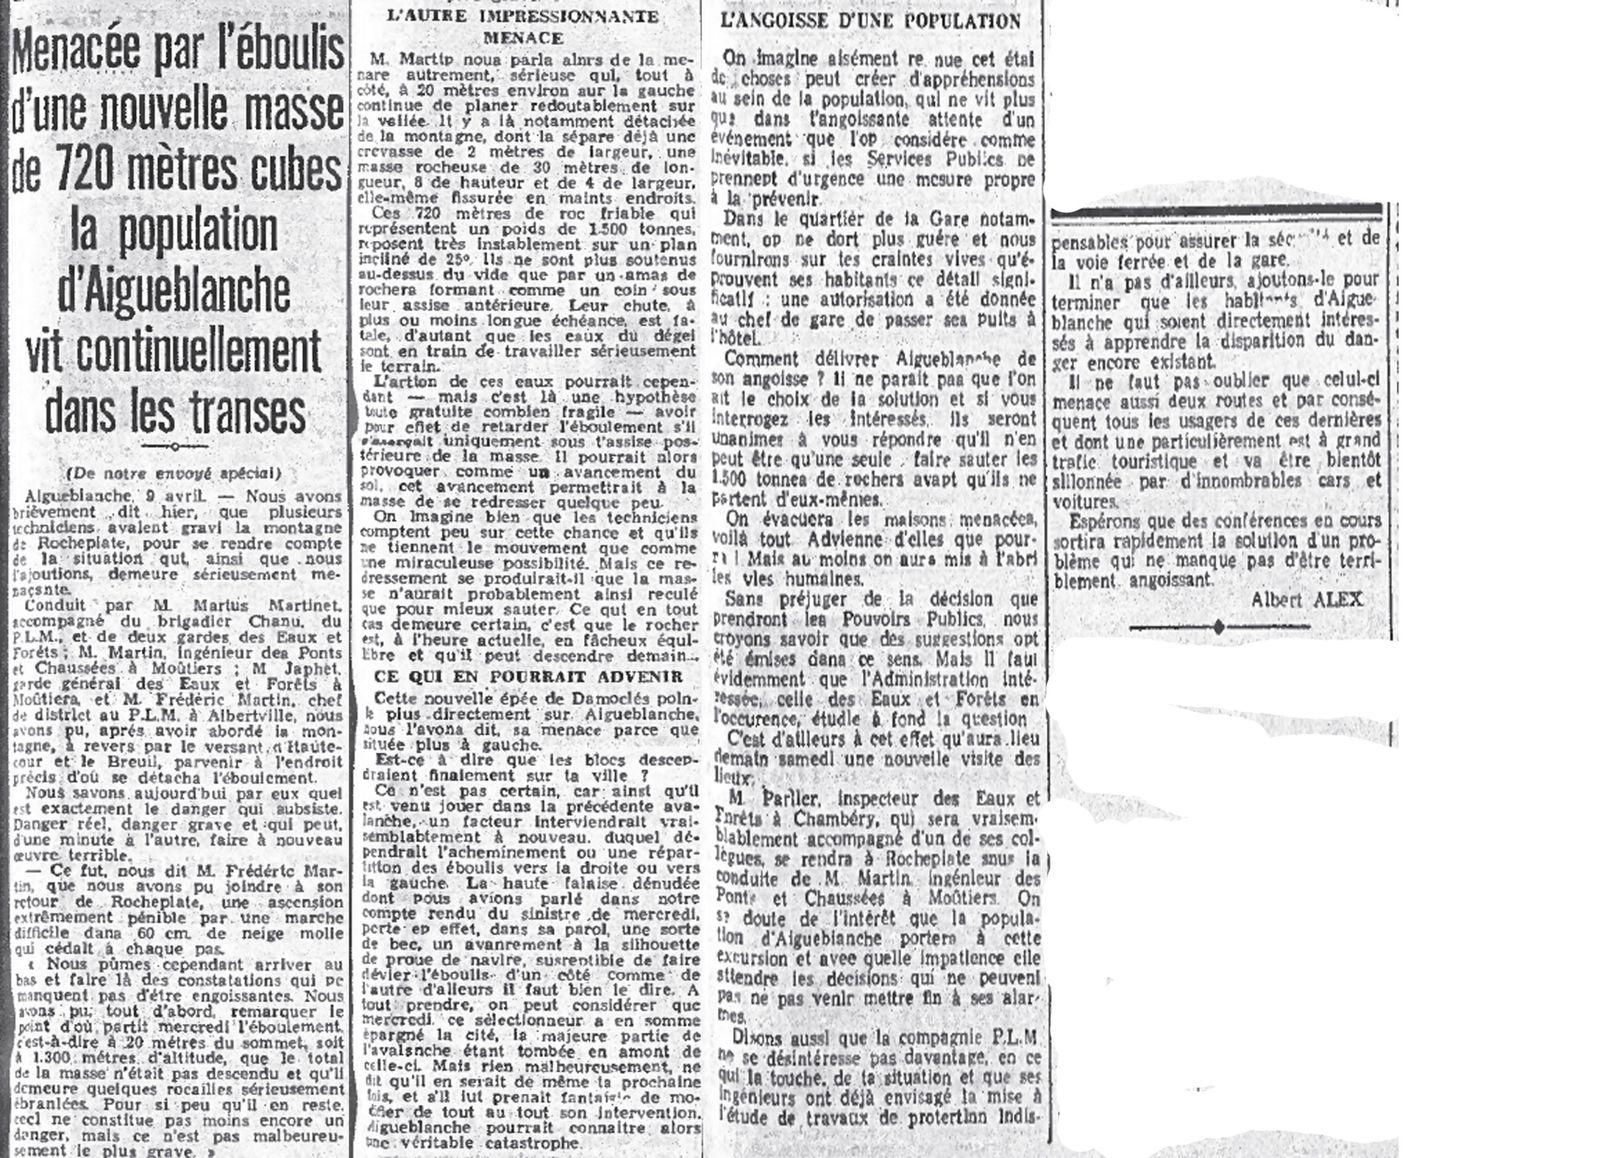 le petit dauphinois samedi 10 avril 1937(cliquez pour agrandir)